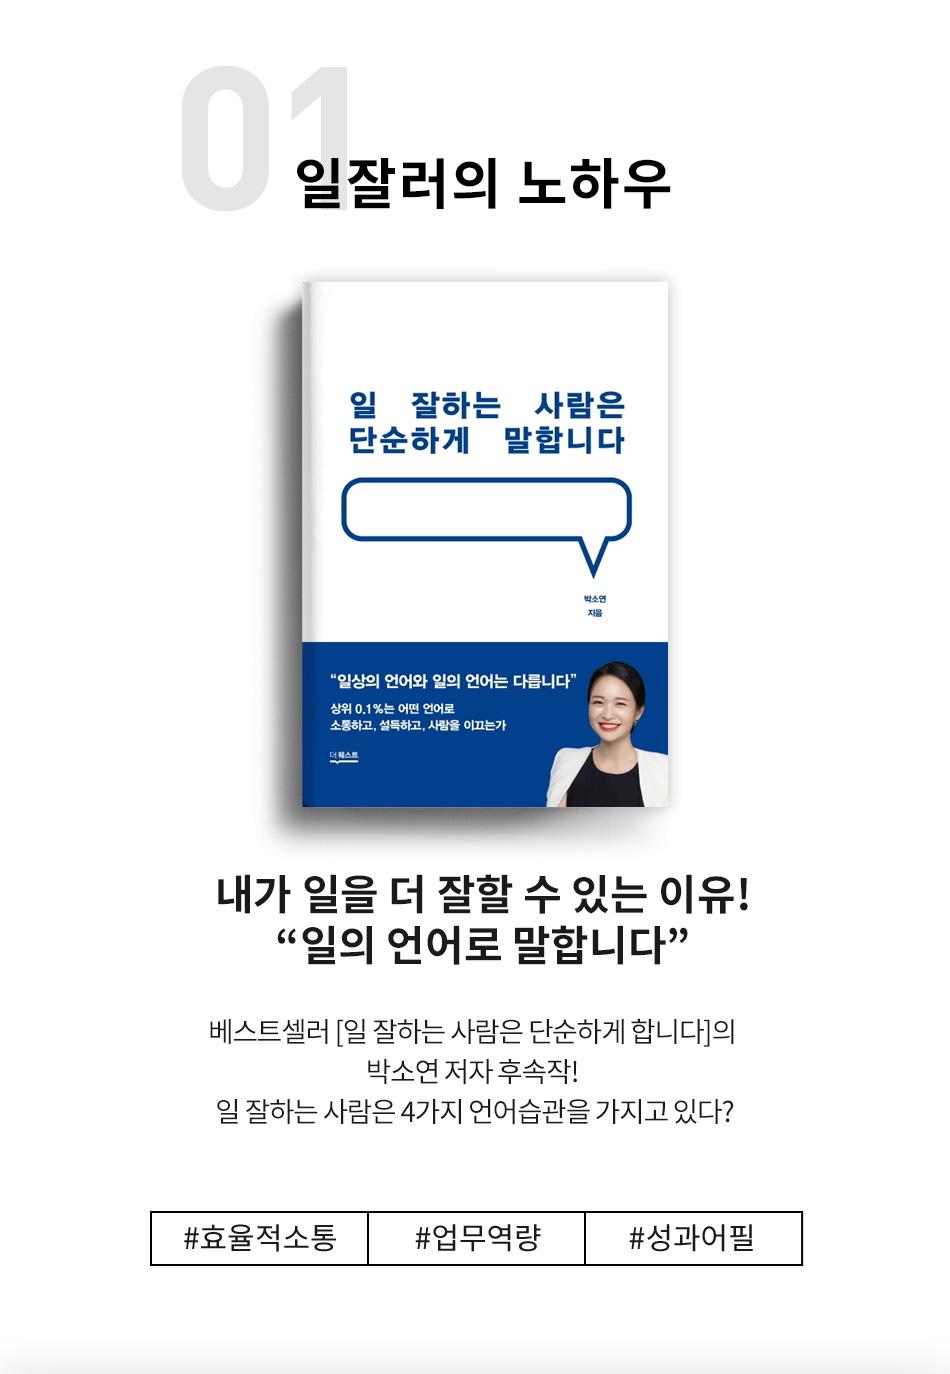 [1] 일잘러의 노하우 내가 일을 더 잘할 수 있는 이유! 일의 언어로 말합니다 베스트셀러 [일 잘하는 사람은 단순하게 합니다]의 박소연 저자 후속작! 일 잘하는 사람은 4가지 언어습관을 가지고 있다?